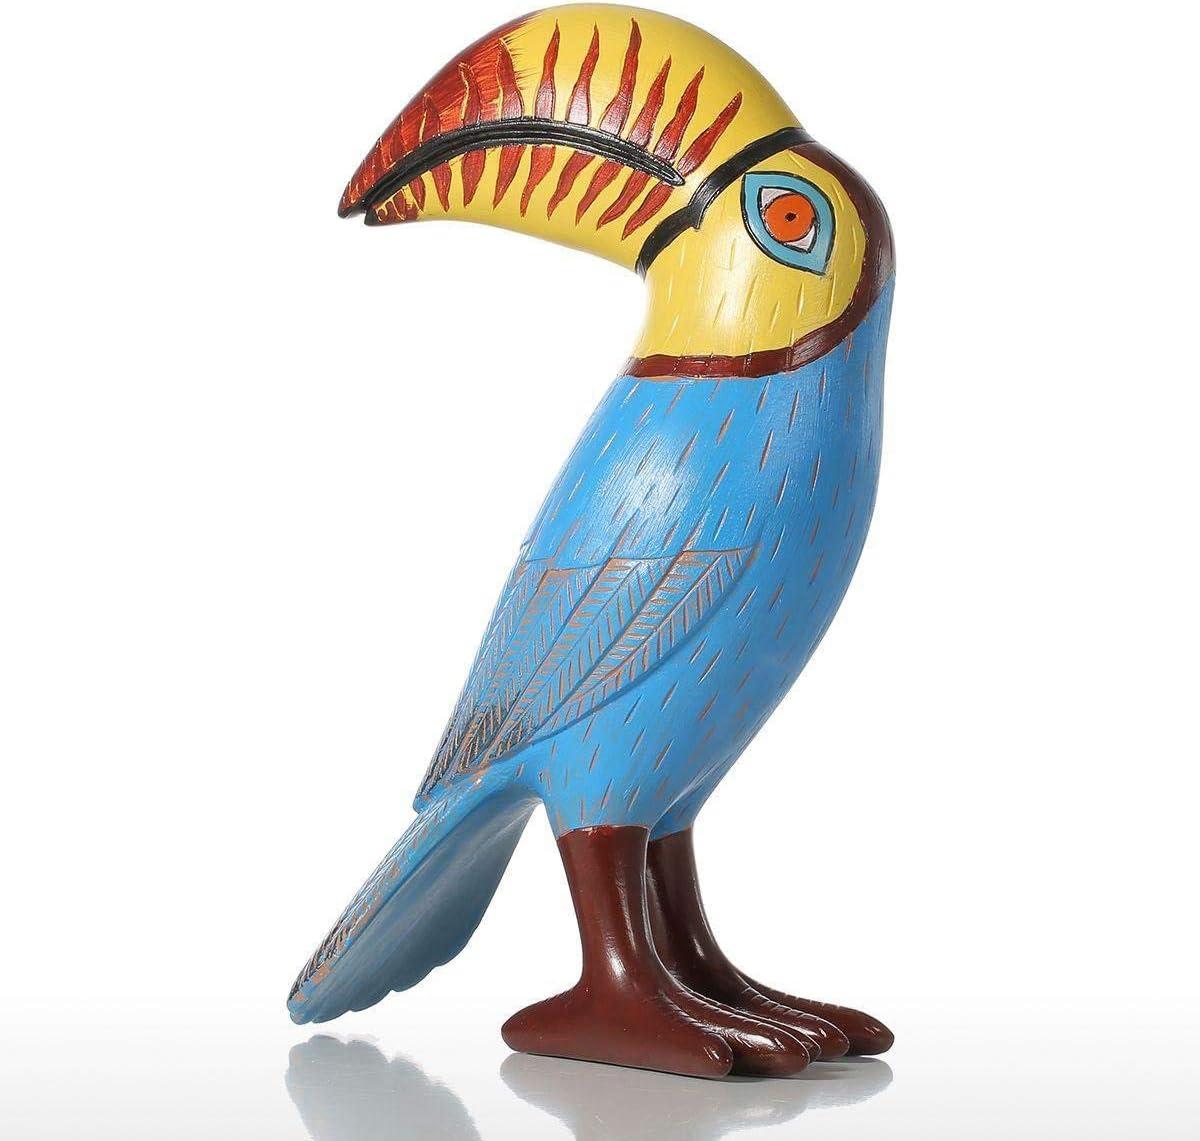 YYZWNC Toucan Bird Resin Max 75% OFF Sculpture Home Fiberglass Quantity limited Dec Ornaments